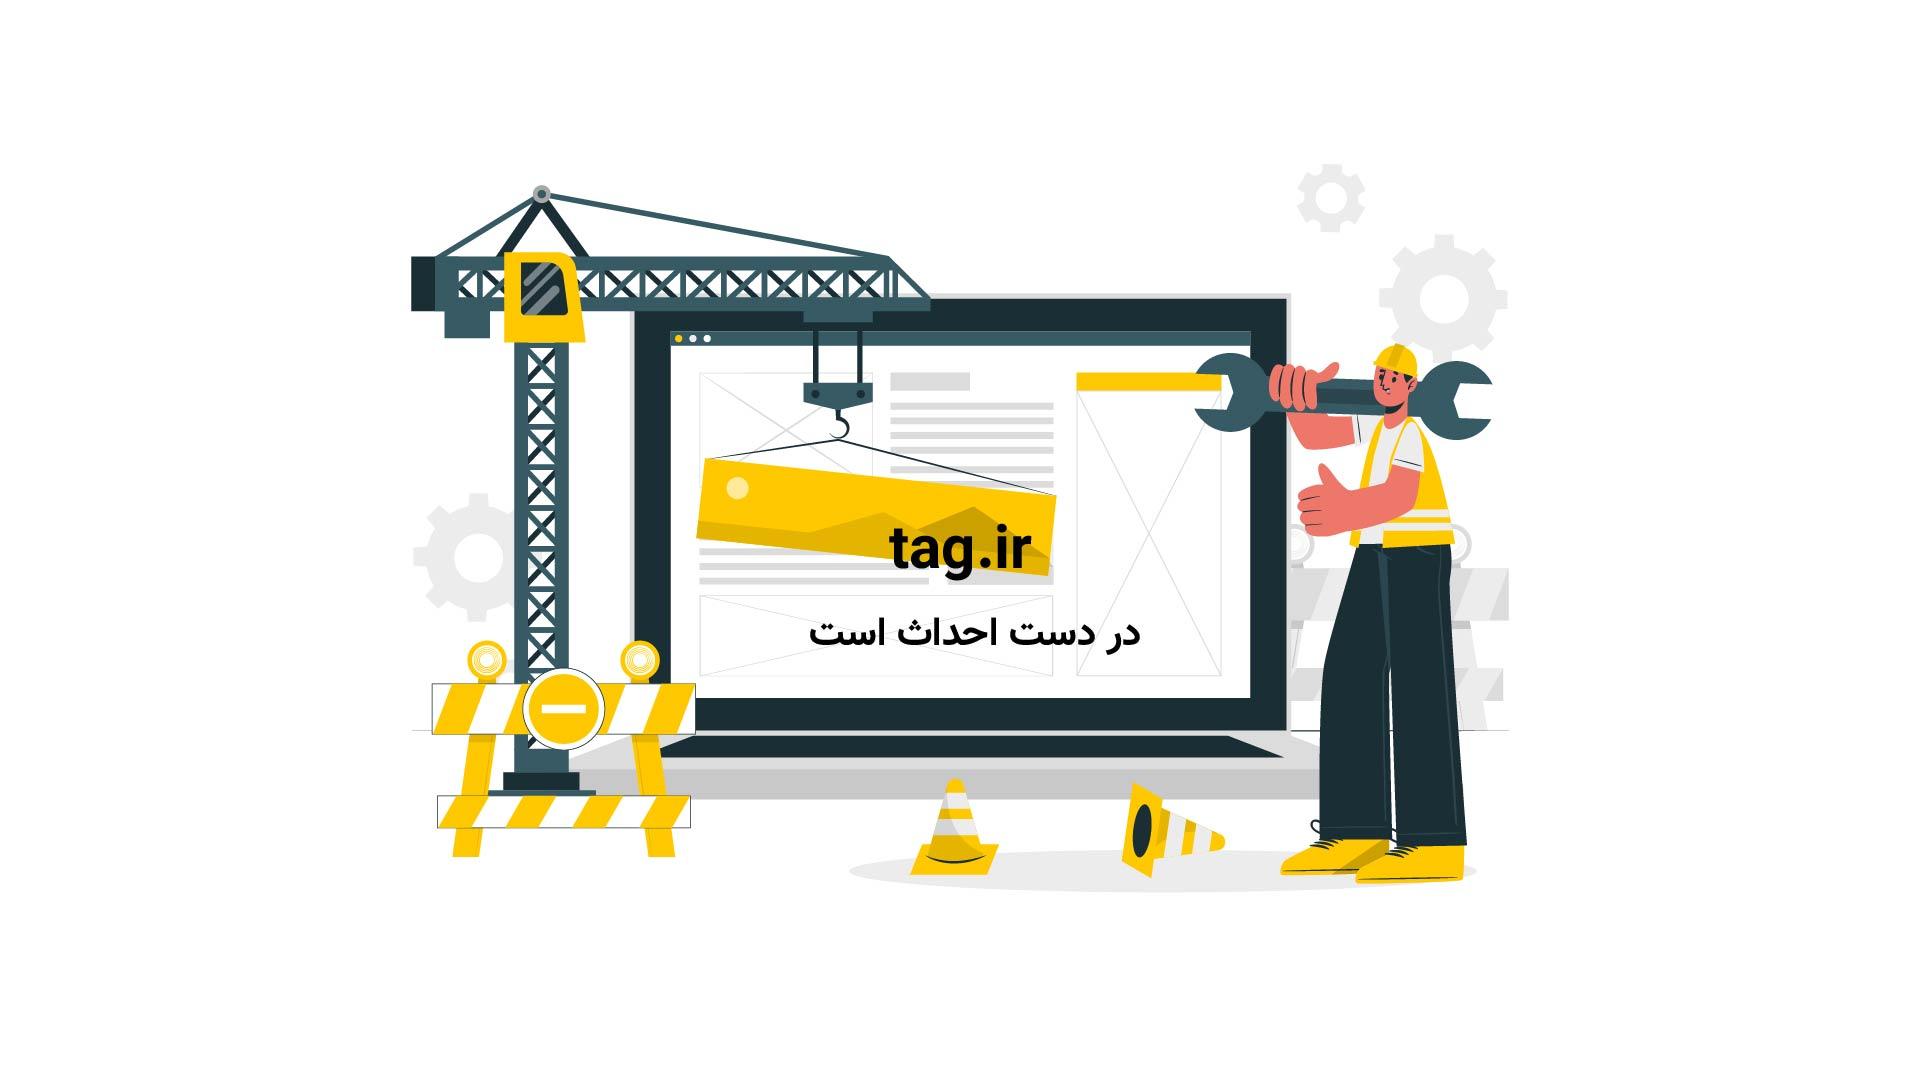 یک شیر نر جوان و زیبا را از نزدیک ببینید   فیلم